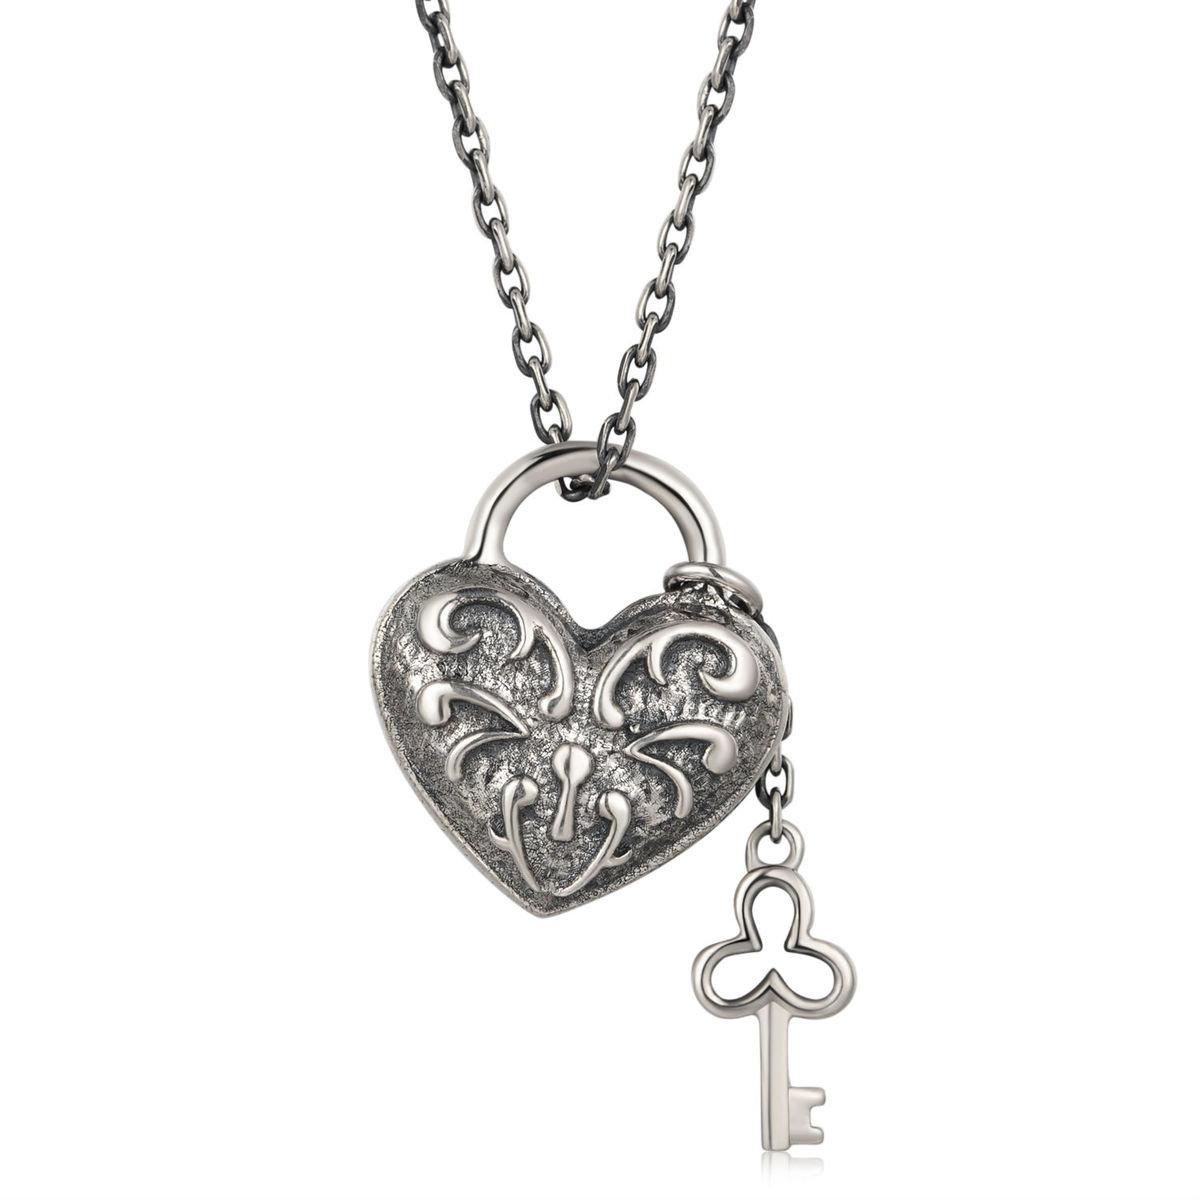 「心鎖」 項鍊 - 925 純銀